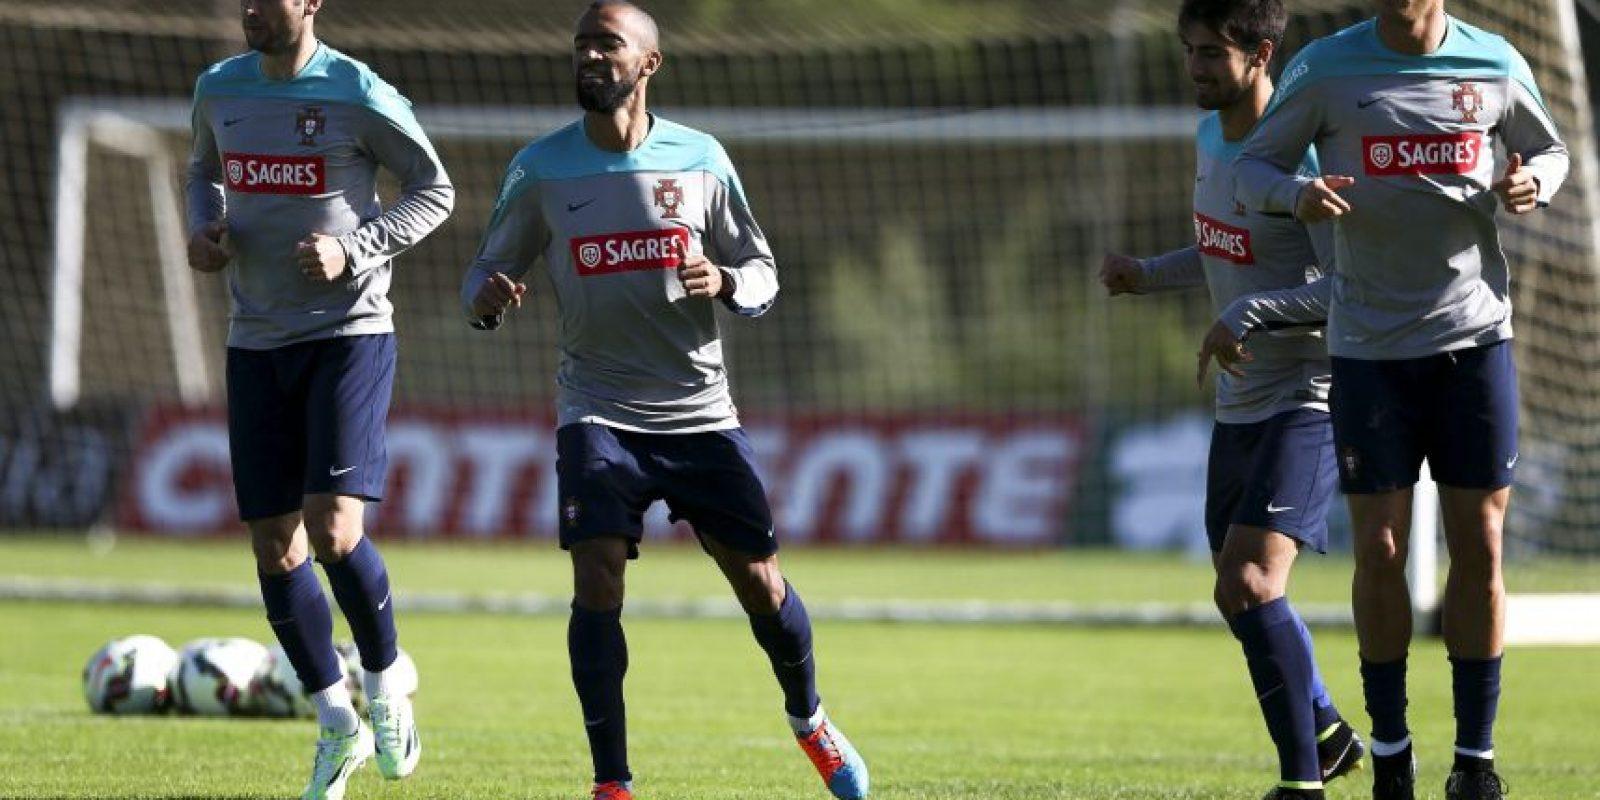 Los jugadores Helder Postiga (i), José Bosingwa (2-i), Andre Gomes (2-d) y Cristiano Ronaldo, en el entrenamiento. Foto:AFP